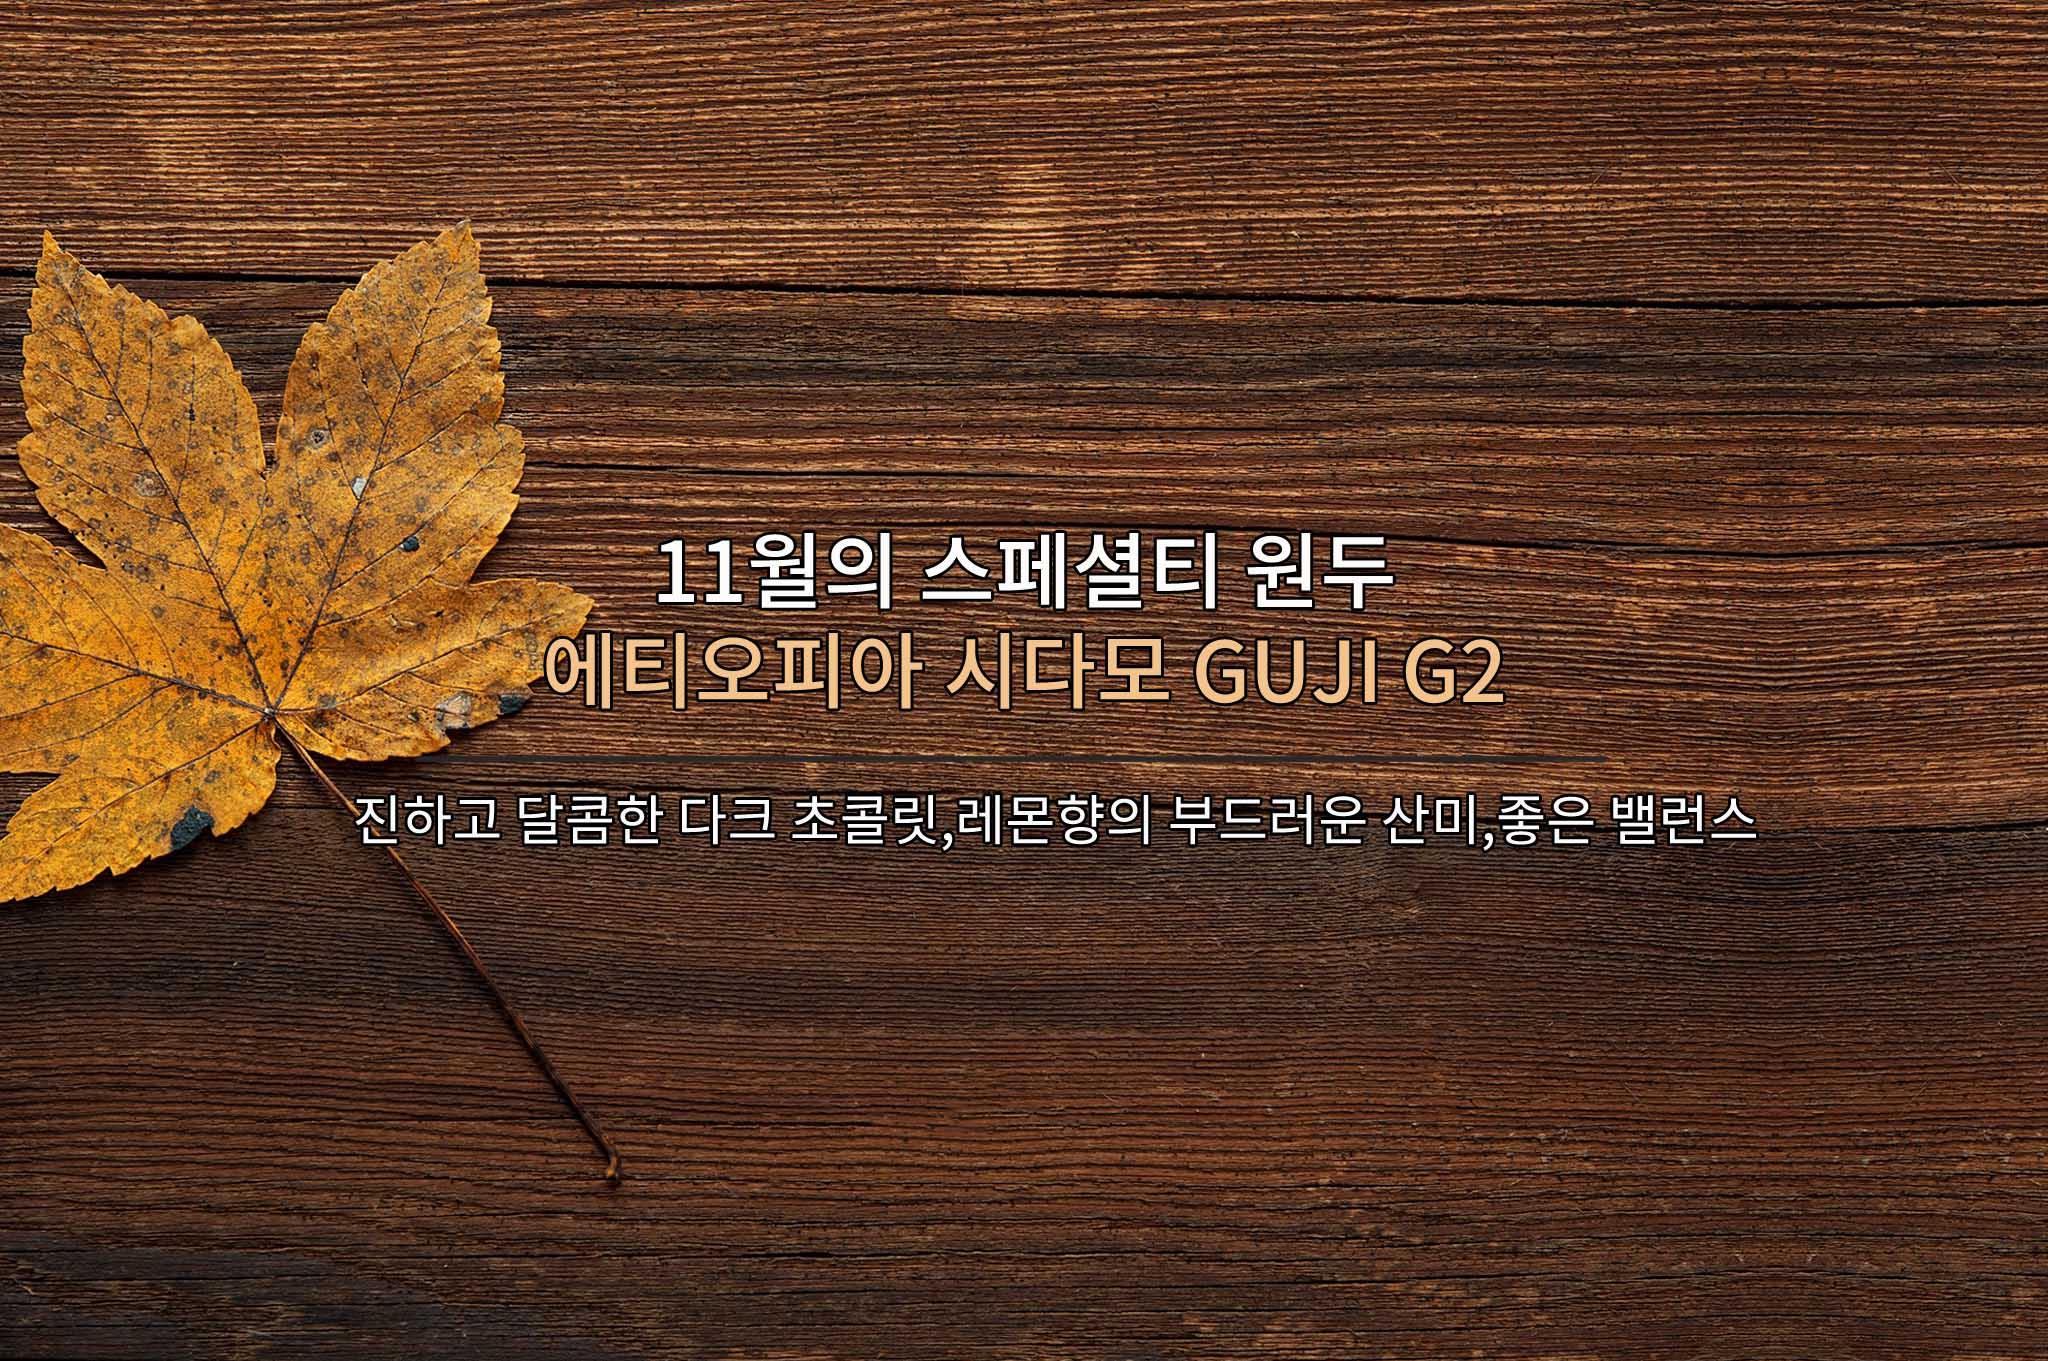 [예약판매] 에티오피아 시다모 GUJI G2